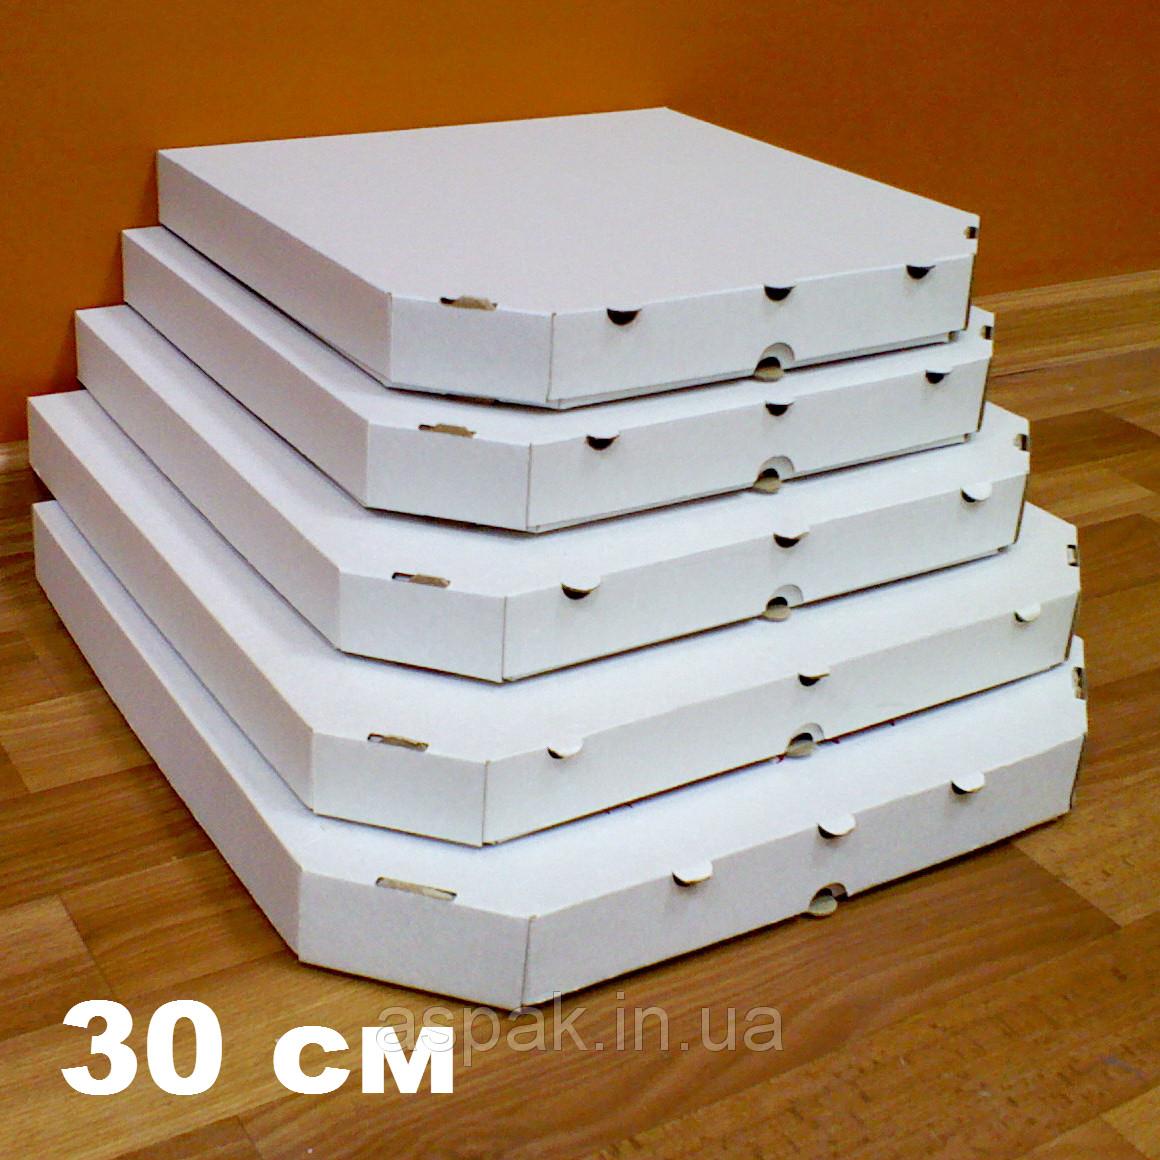 коробки под пиццу дешево